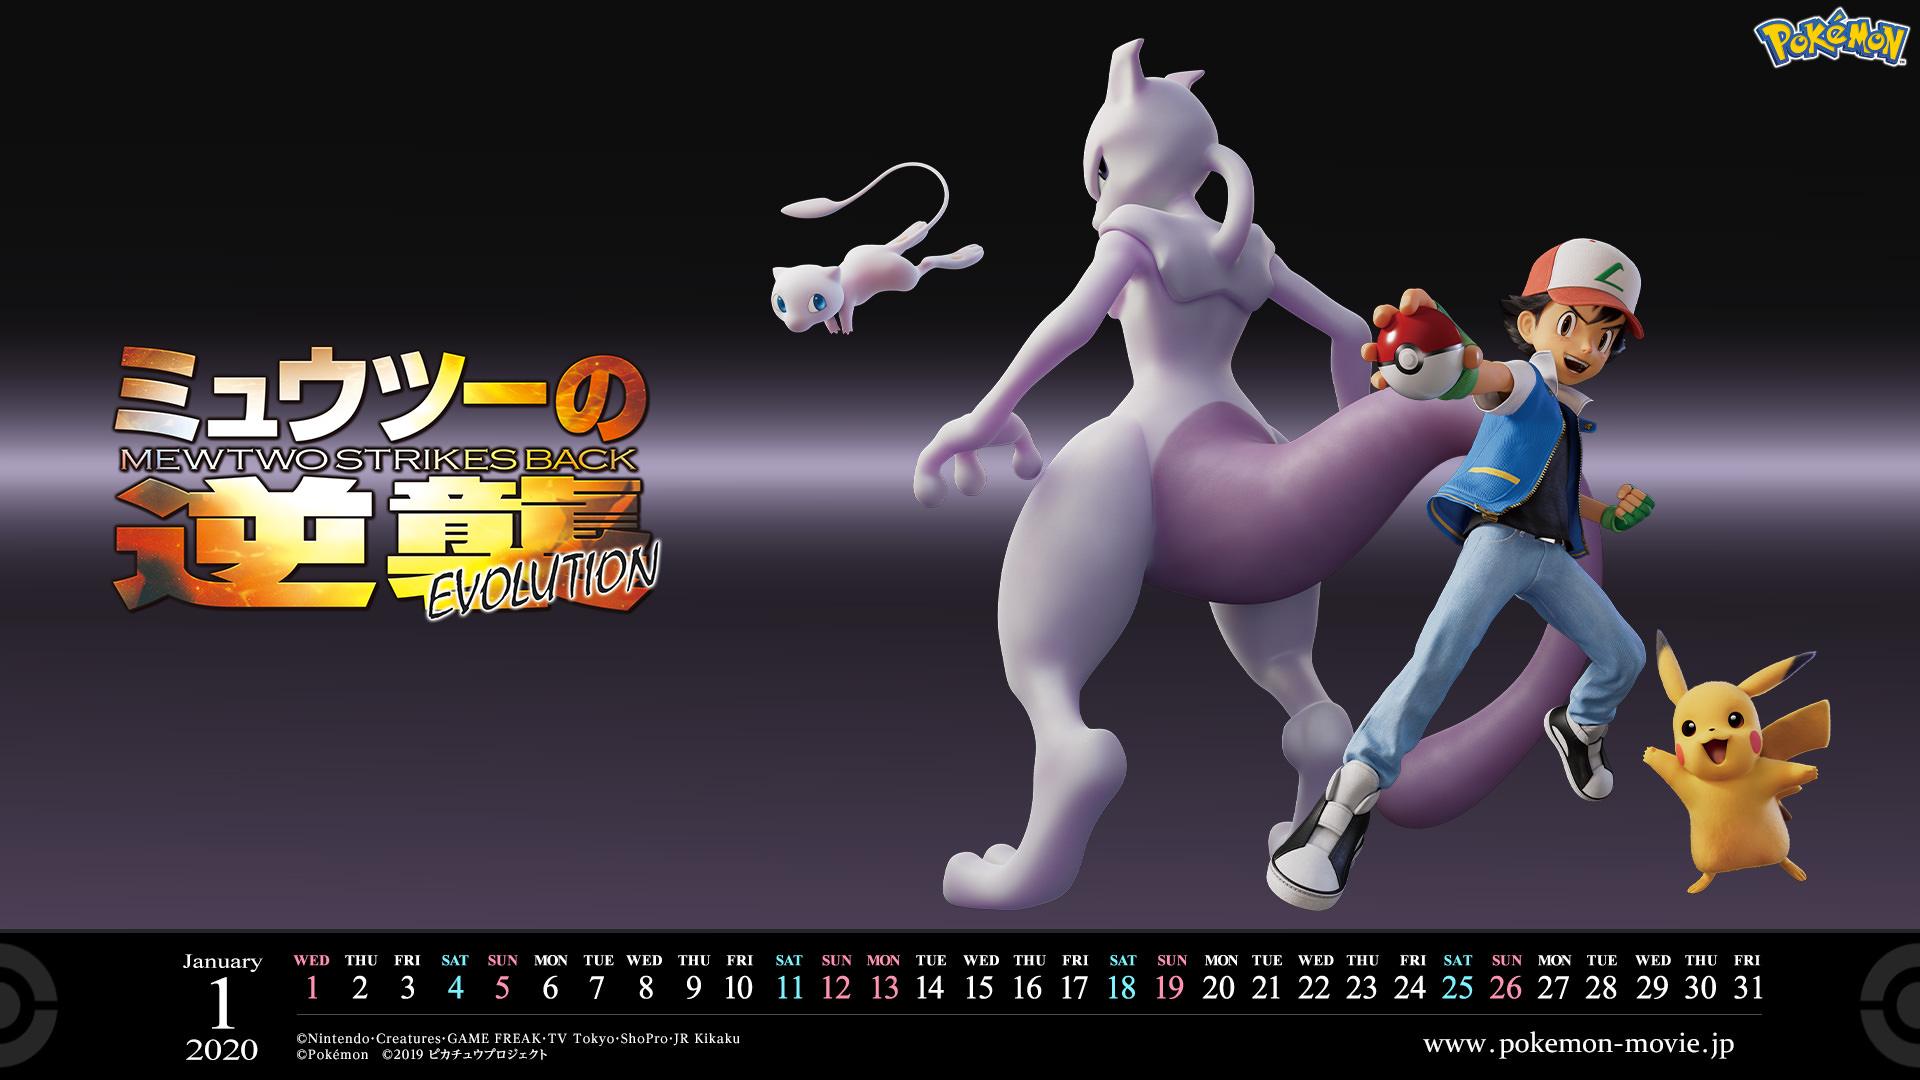 Download This Free Pokemon The Movie Mewtwo Strikes Back